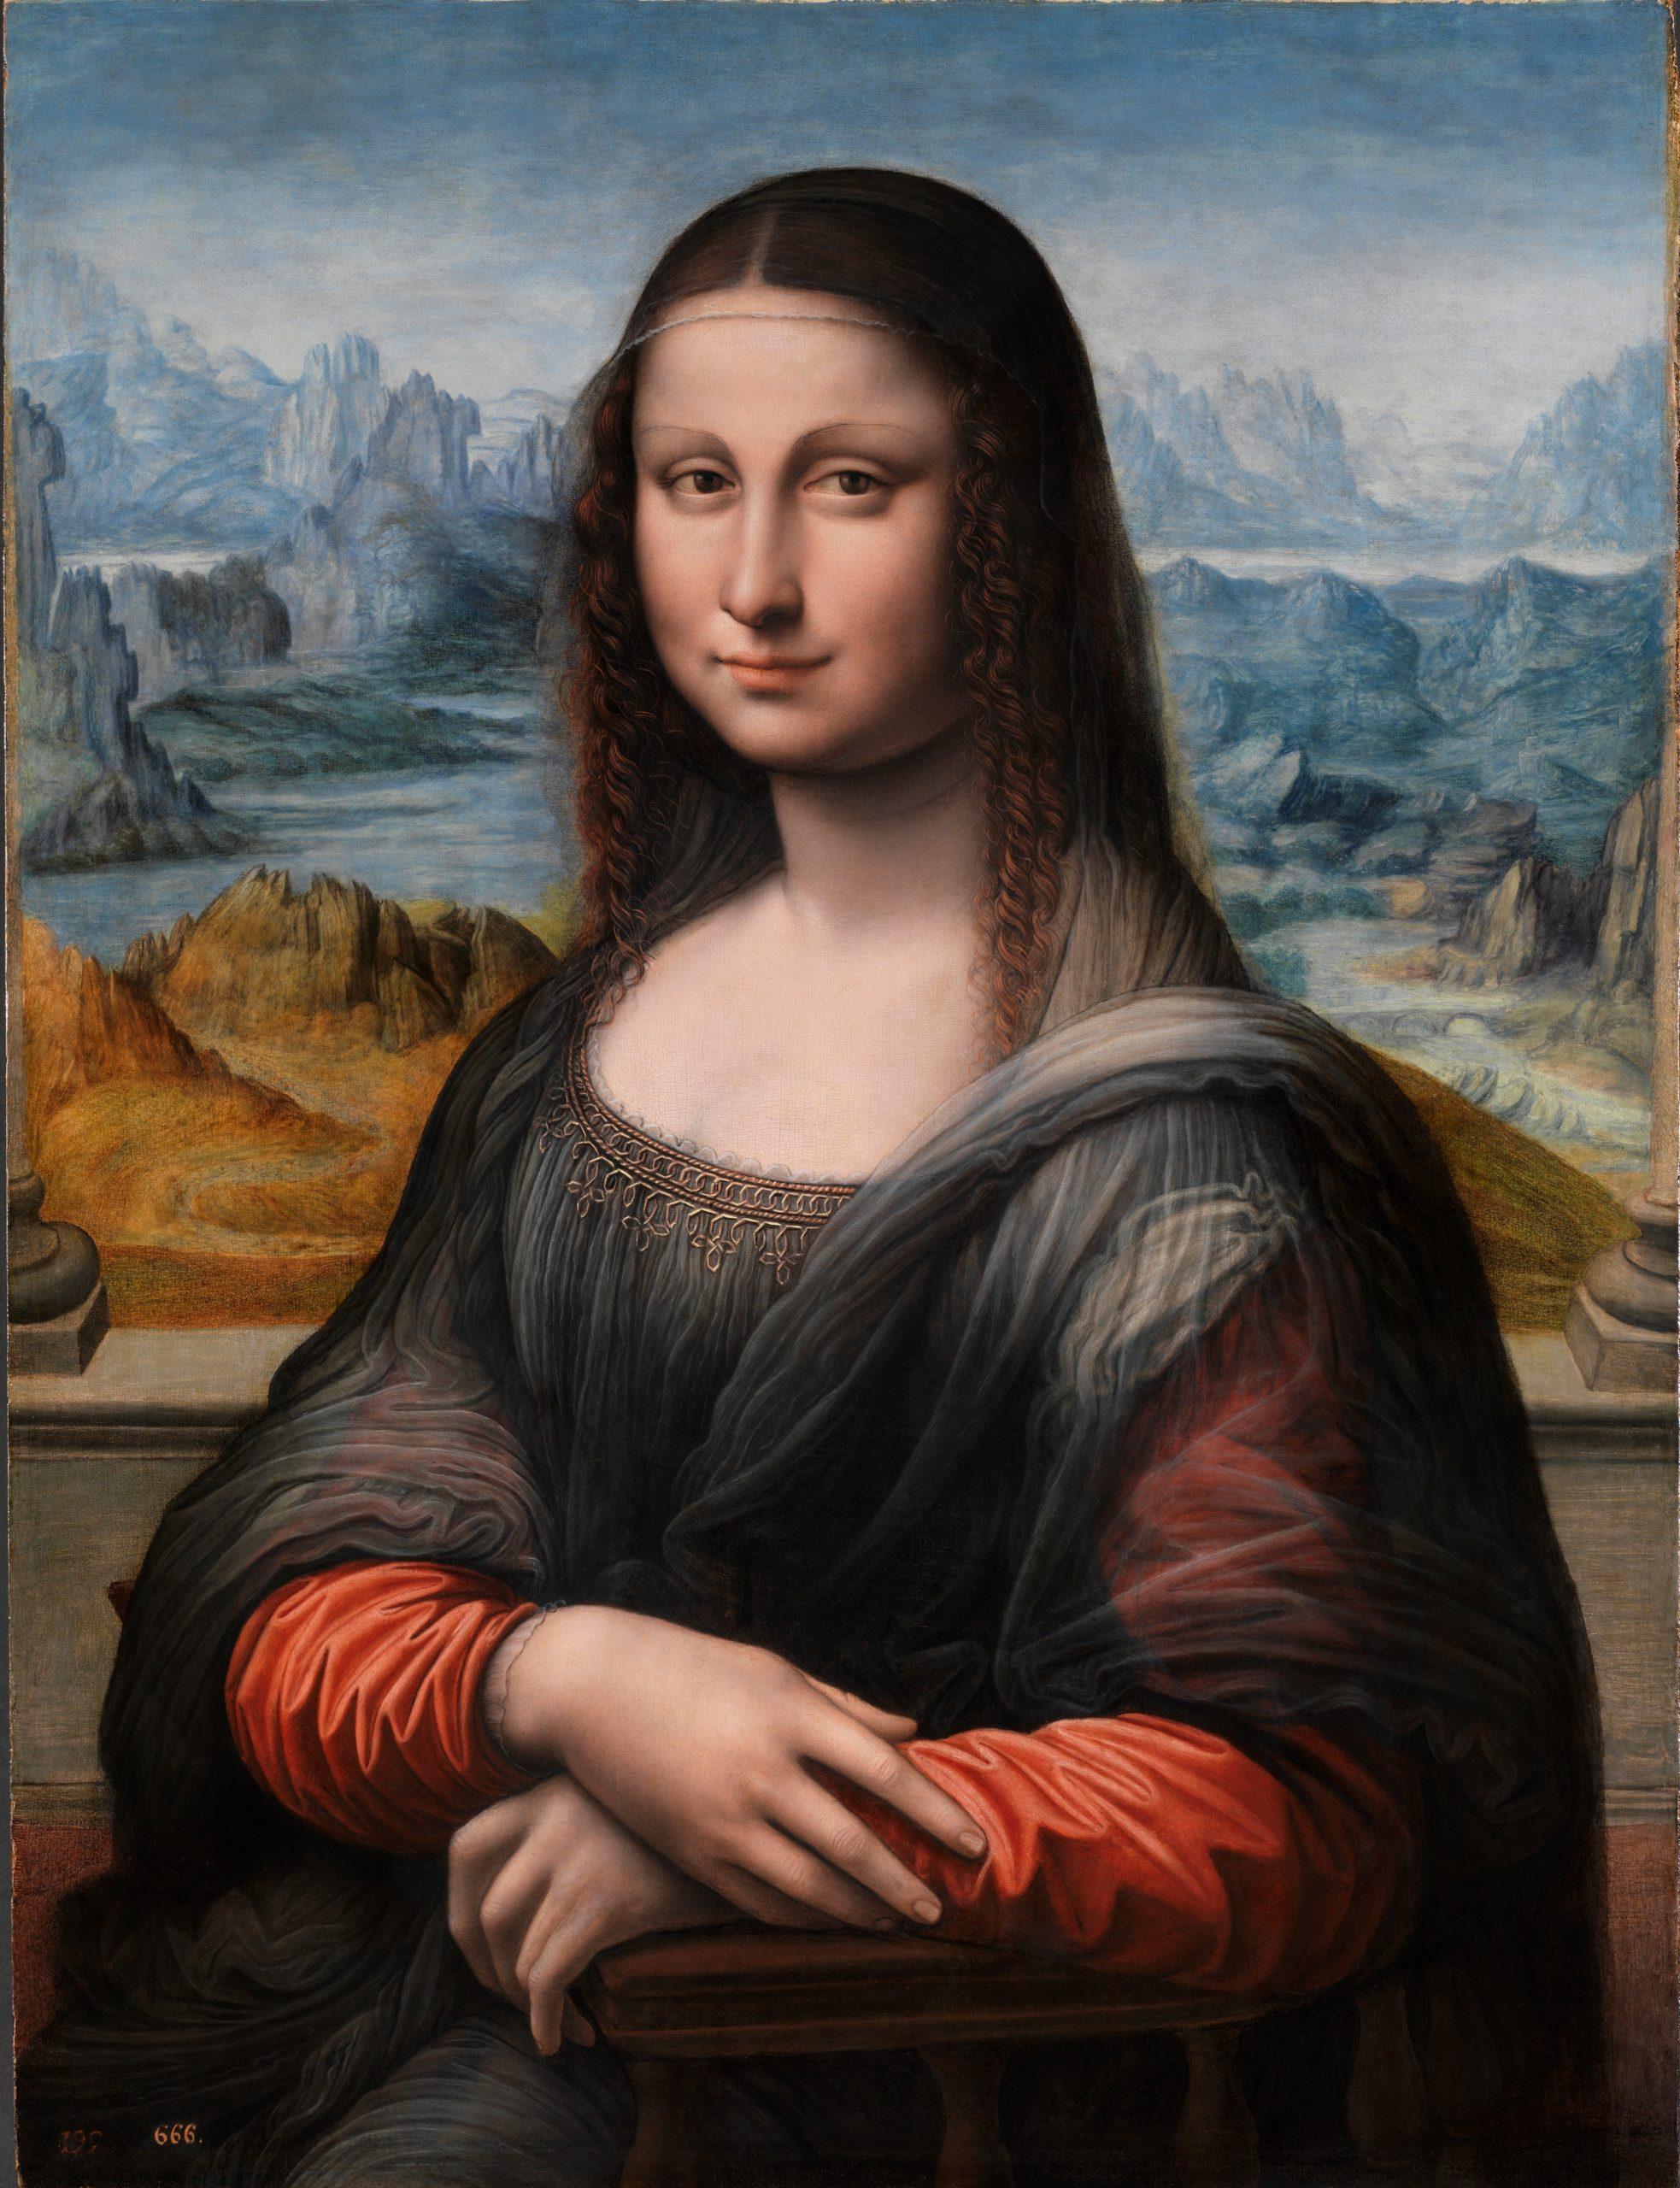 Imagend el cuadro Gioconda de El Prado